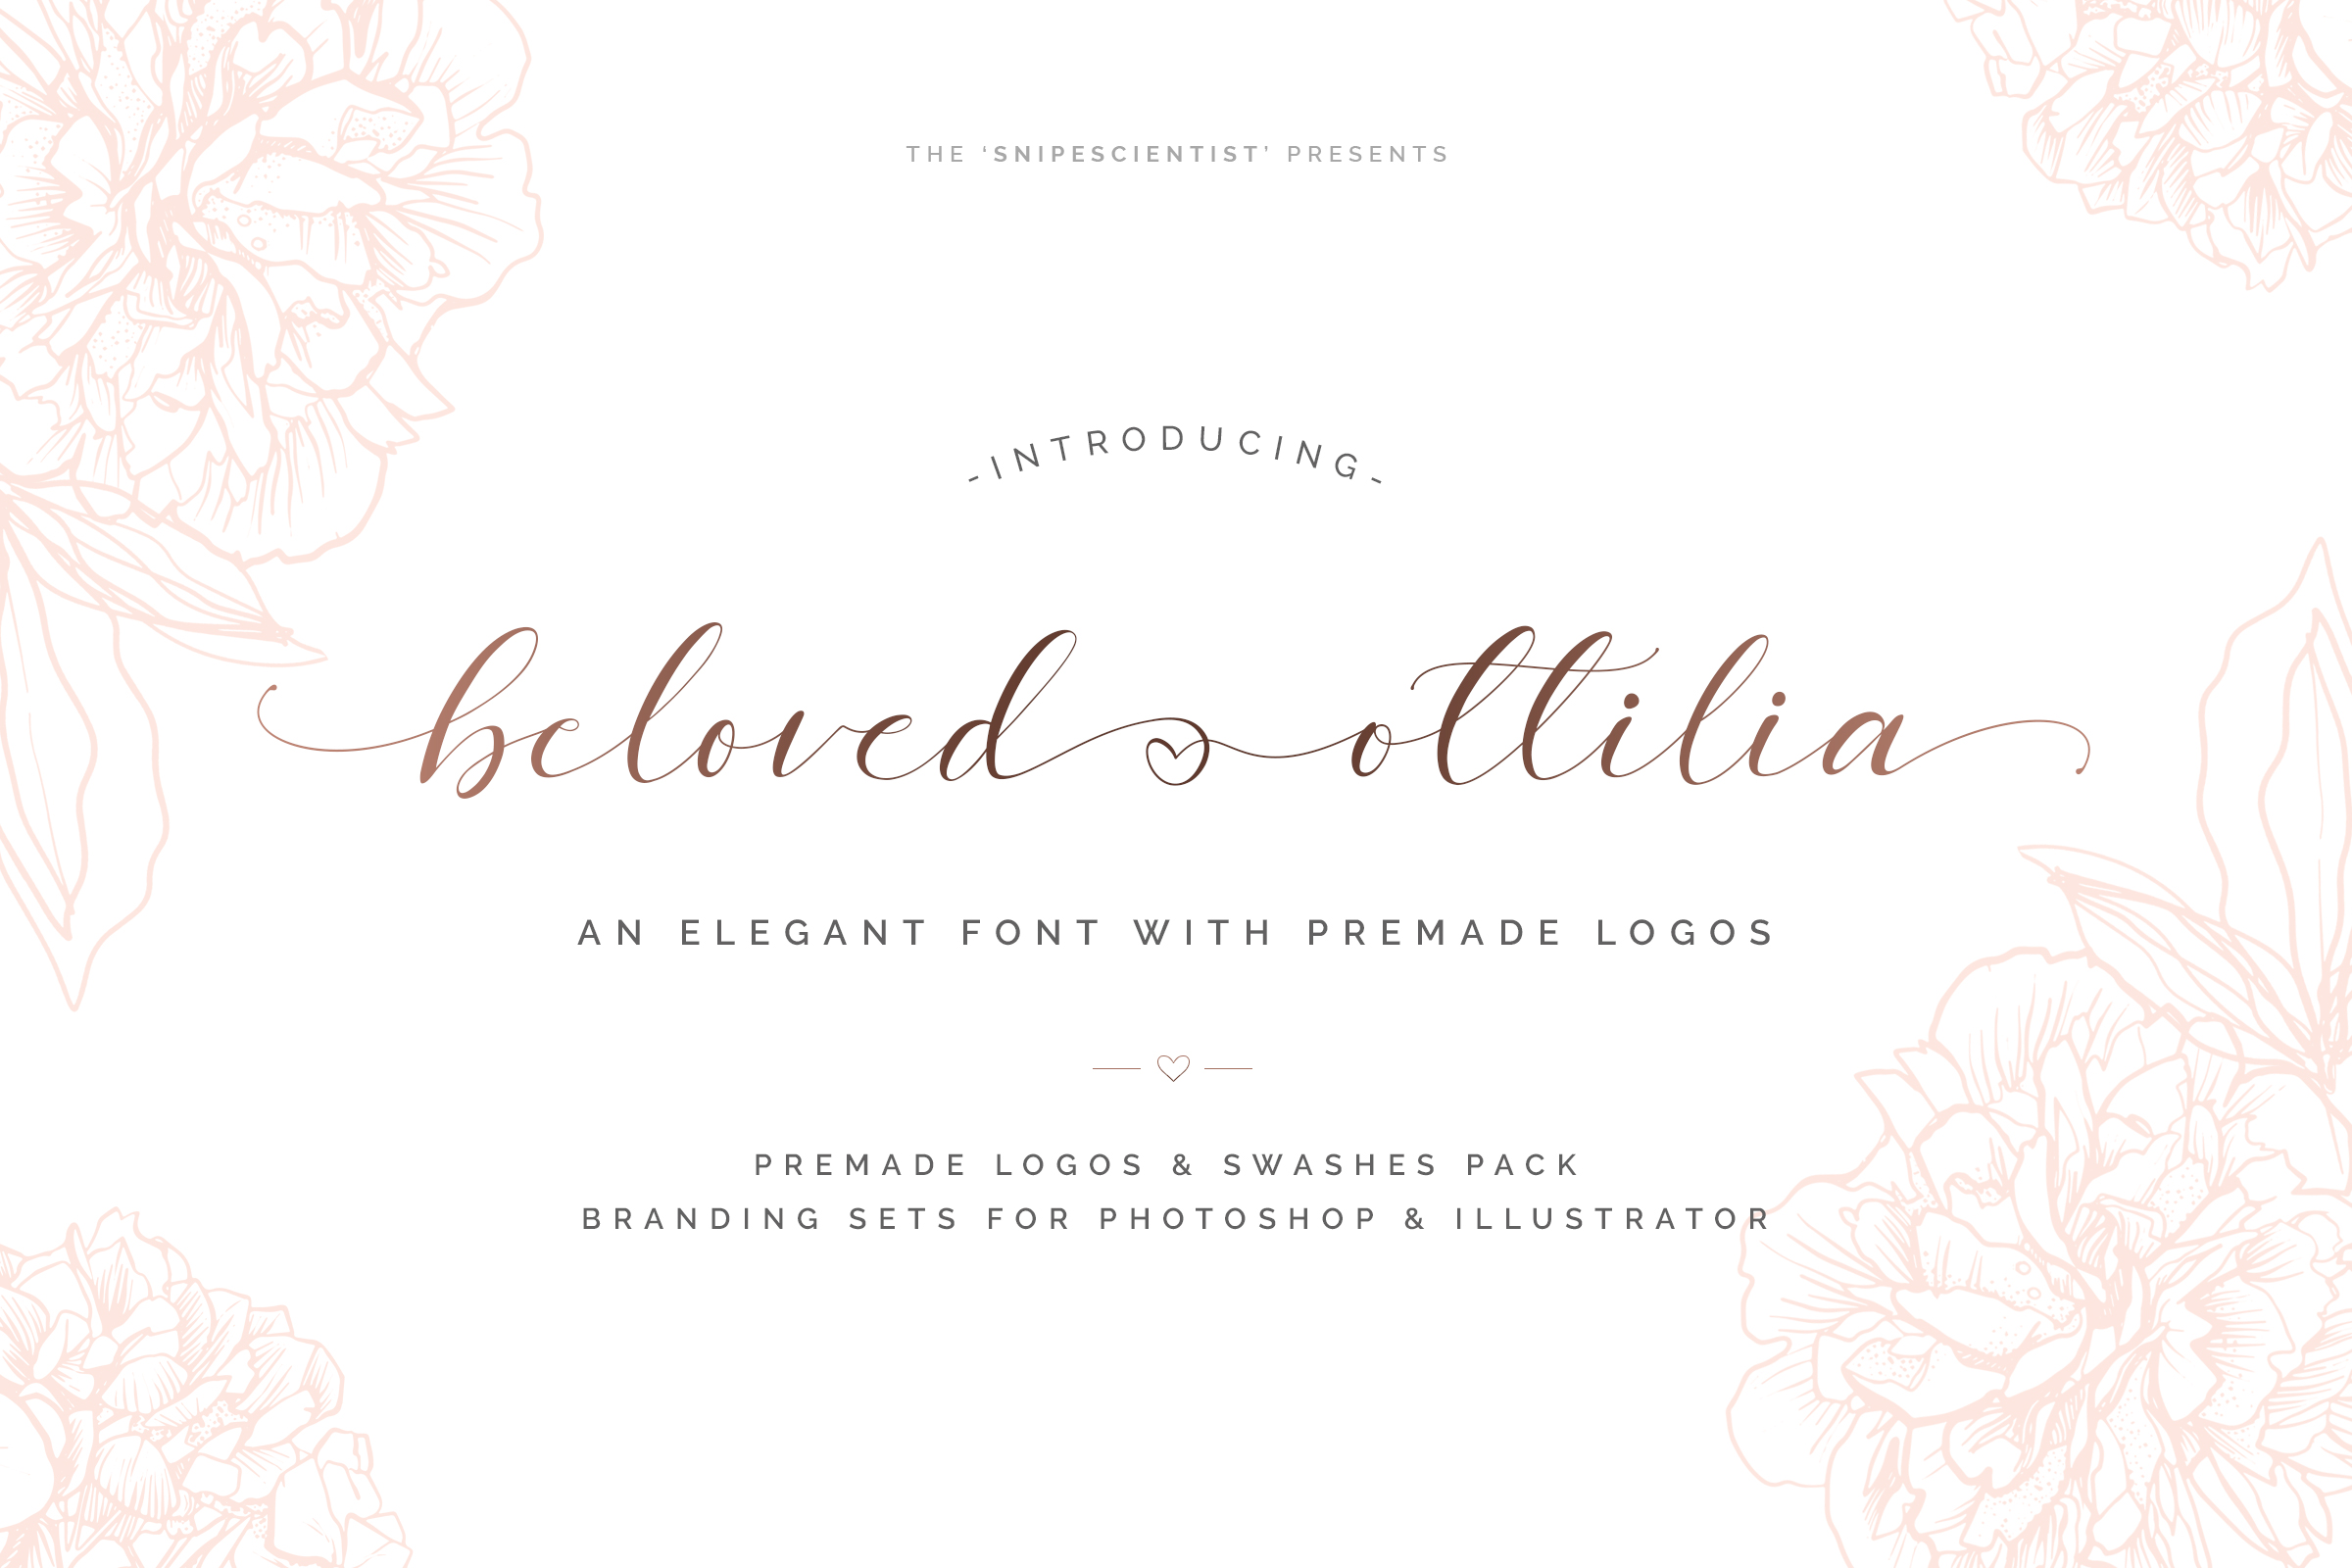 Beloved Ottilia Font 60 Free Logos example image 1